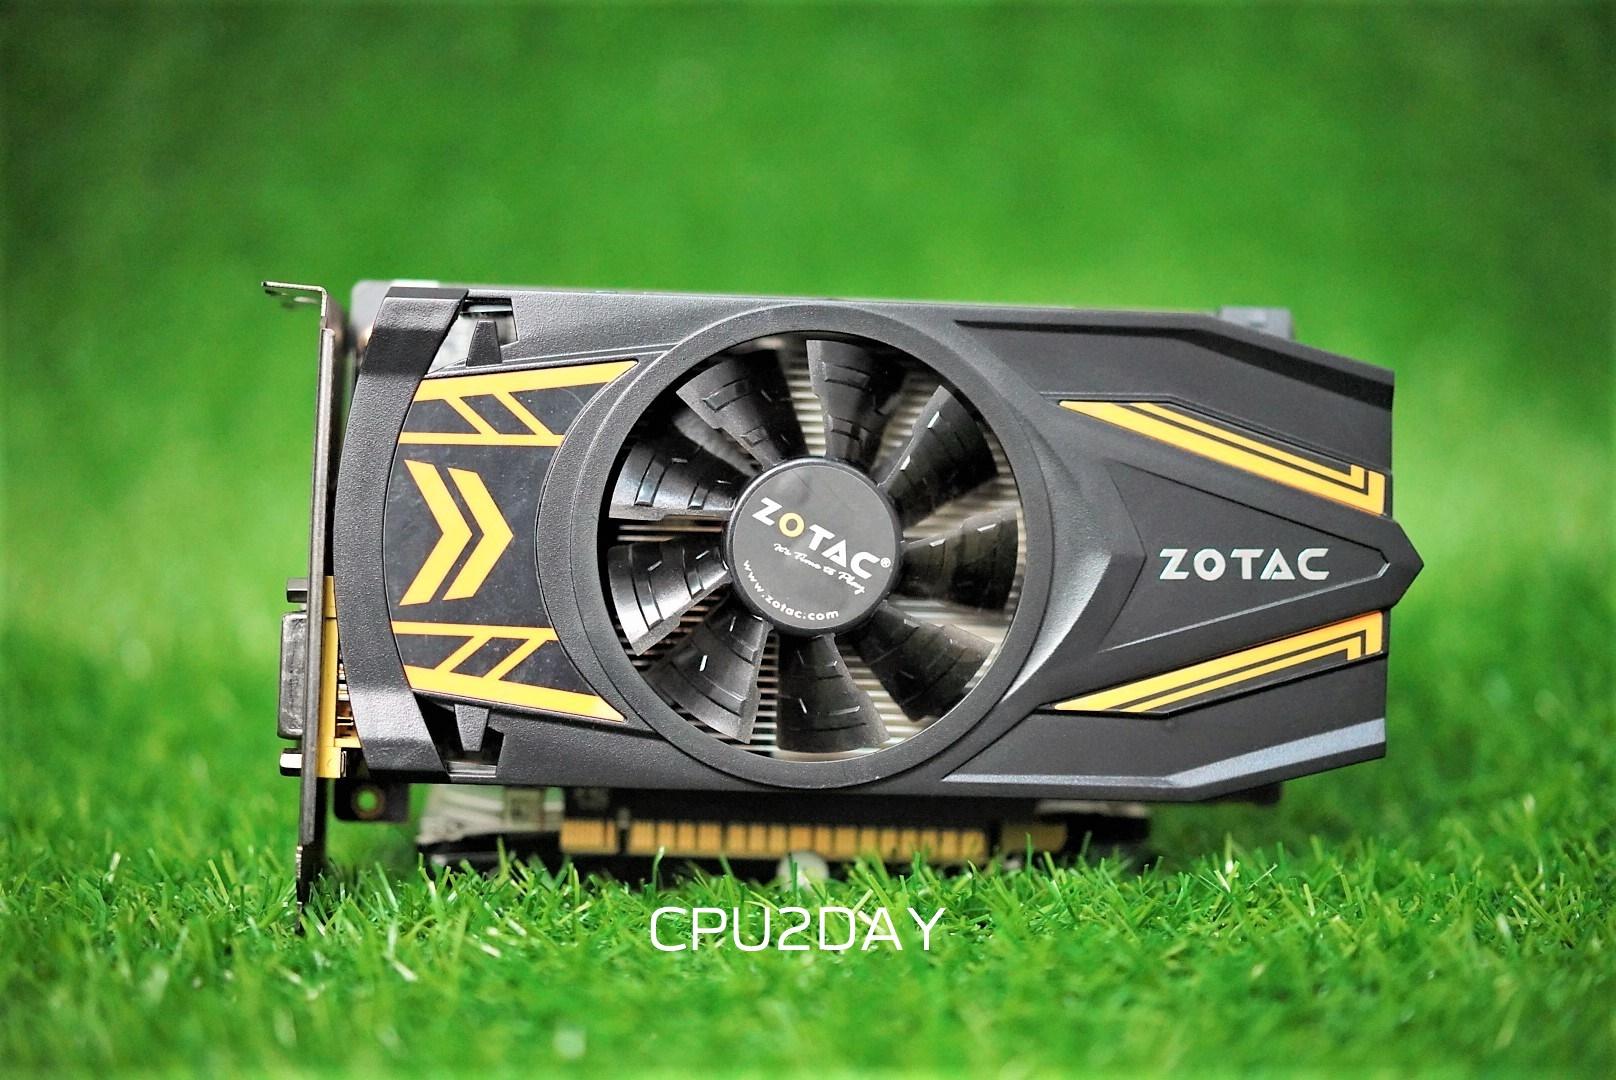 ZOTAC GTX650TI 1GDDR5